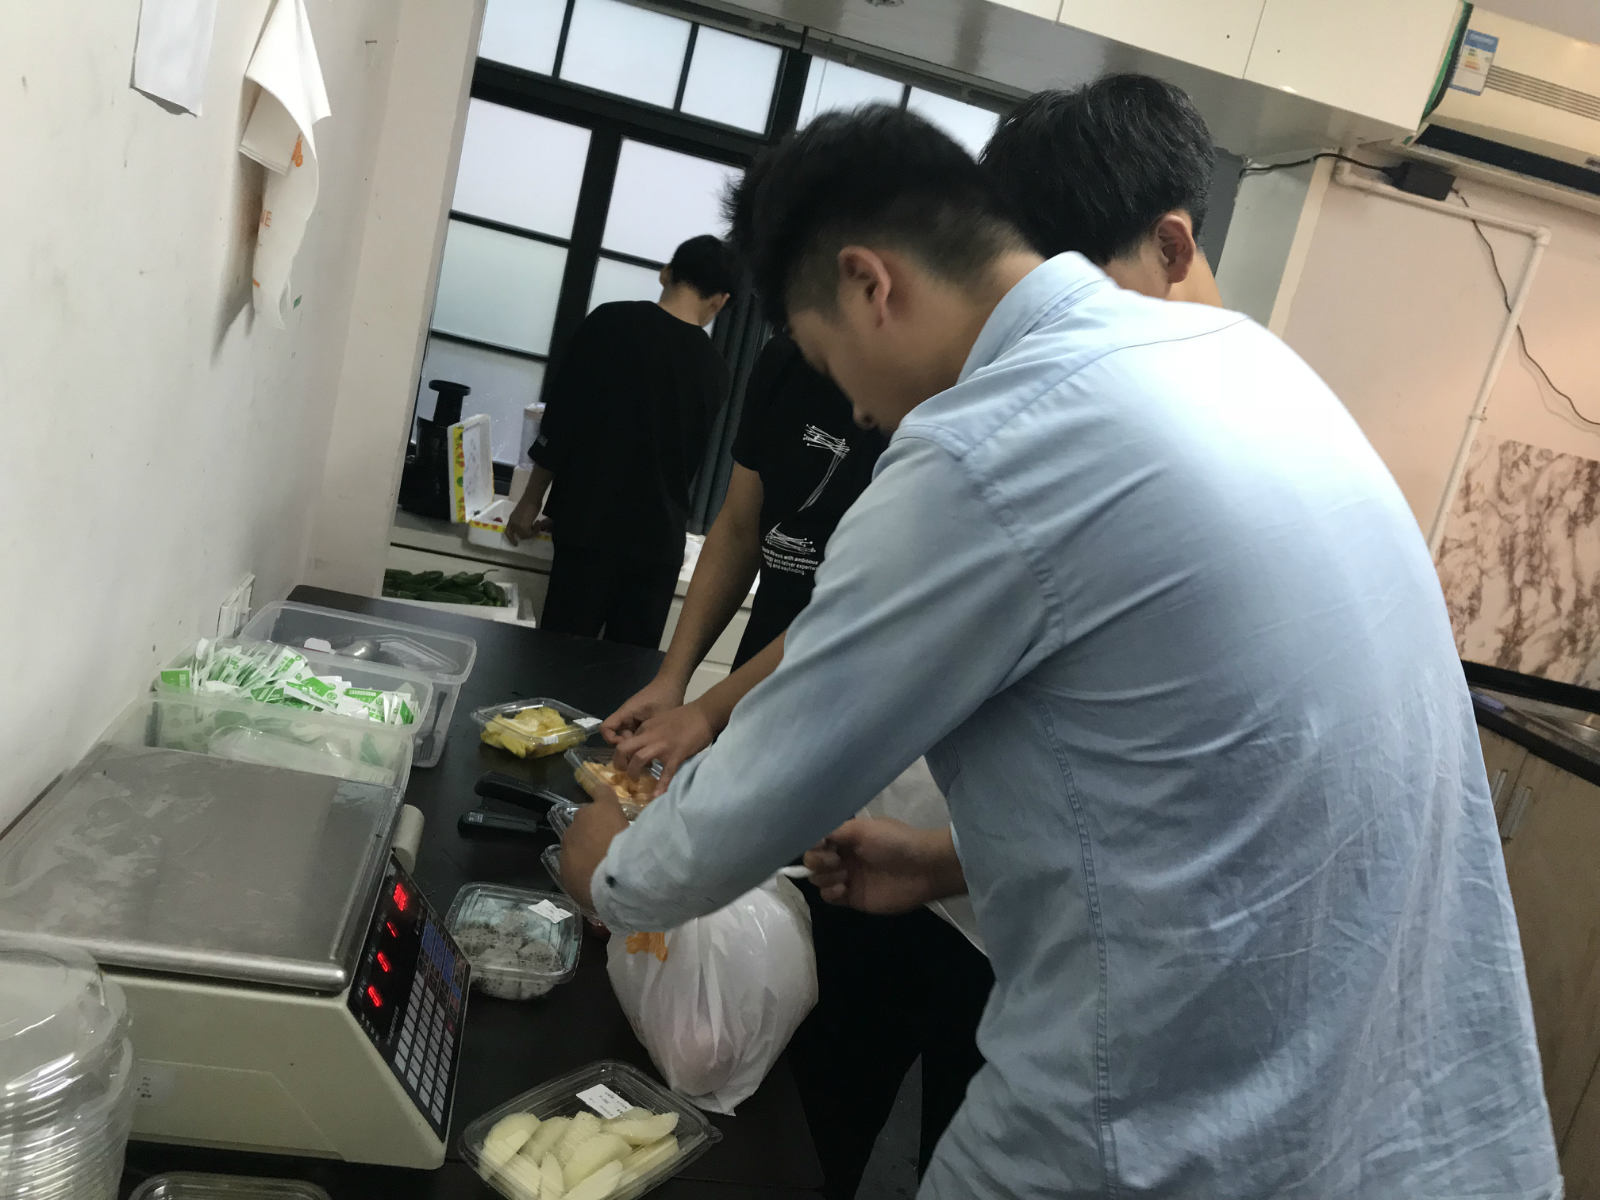 赵刚指导店员如何打包水果餐盒_meitu_7